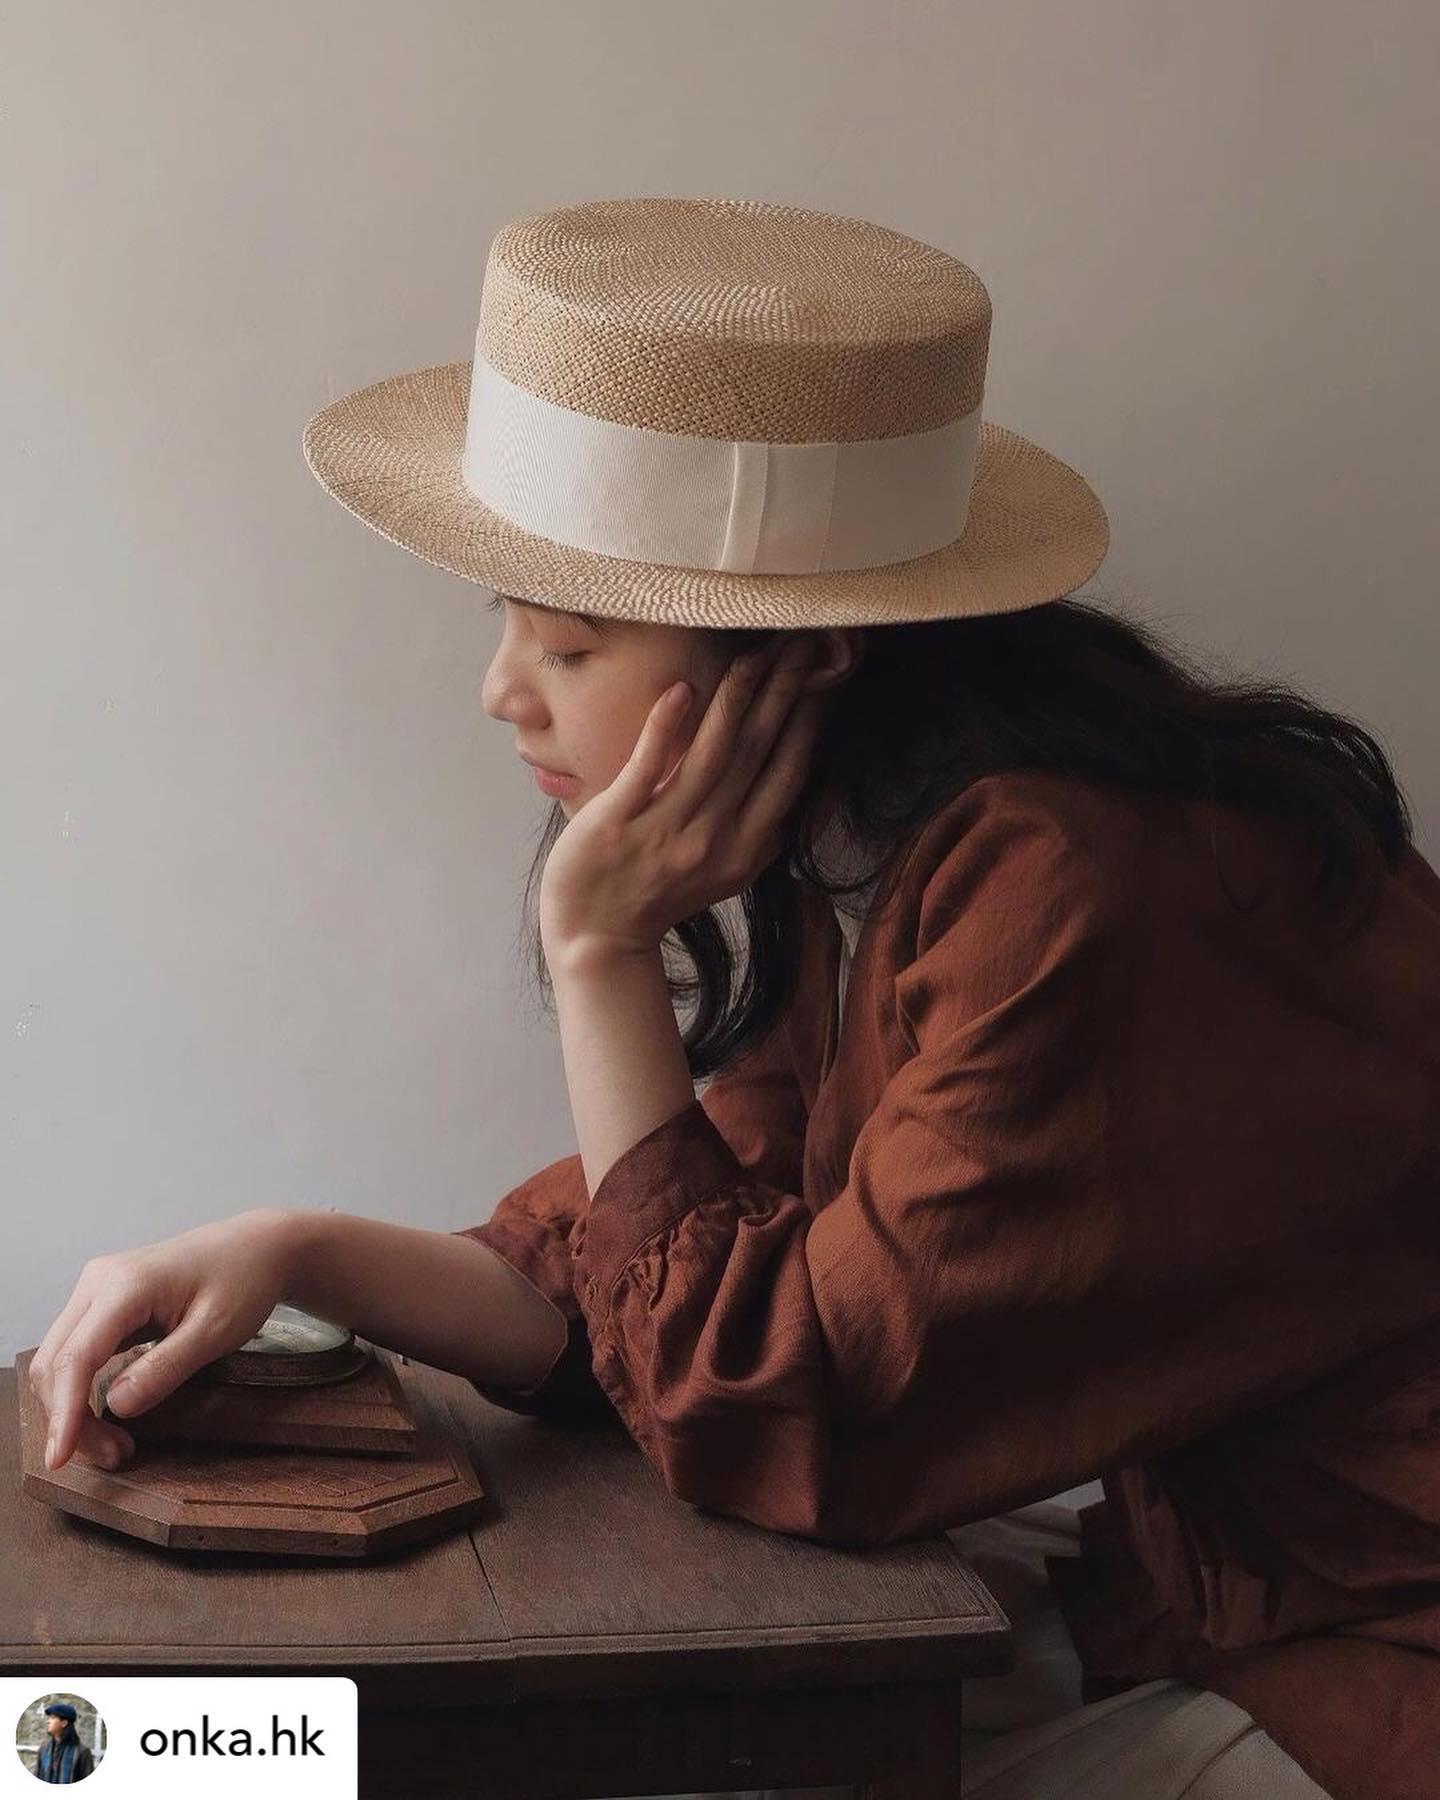 ・香港で帽子のお取り扱いをしていただいている @onka.hk さんがKIKONOの帽子と安加さんの洋服であわせてご紹介くださいました・安加さんの洗練された空気感が伝わる素敵な写真、とても嬉しいです・・Posted @withregram • @onka.hk 莨染盤扣麻外套腰間打摺和手袖泡營造出高腰線比例帽子為日本手織草帽 @kikono_shop @kikono_shop 是由住吉夫婦所主理,KIKONO的設計採用最經典的款式,以一針一針手織出有溫度的帽子。希望藉由專注於此的信念製作出機械難以呈現富有手感的帽子。僅僅配戴著也可以讓整體氛圍有些許變化,這應該就是帽子的魅力所在吧!深水埗基隆街153-155號C2轉入黃竹街 (星期二休息)#洋服 #莨染 #草木染め #杮渋染 #藍染 #草木染め#古道具